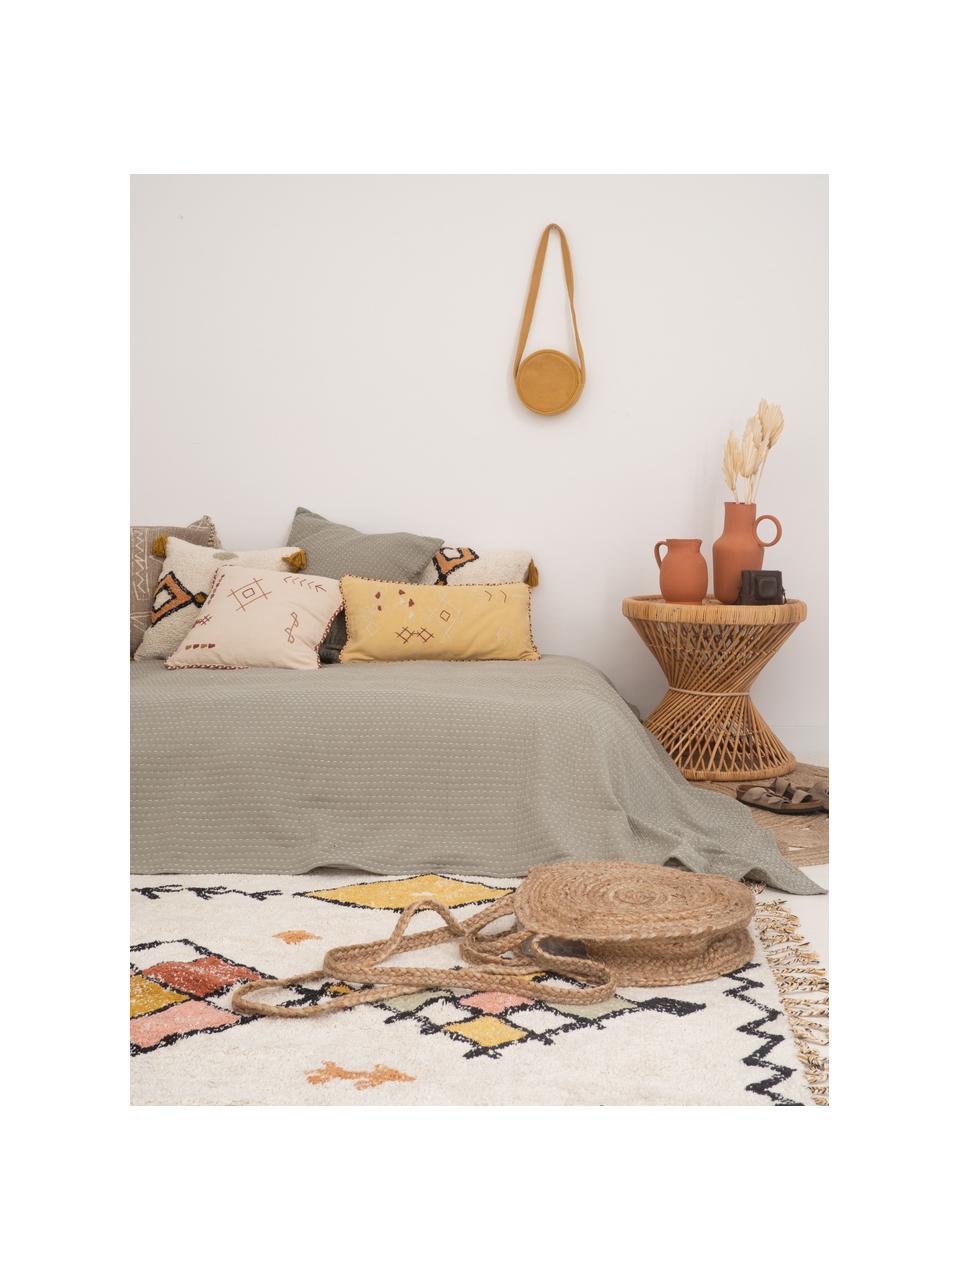 Kissenhülle Bereber mit Ethno-Muster und Quasten, 100% Baumwolle, Weiß, Schwarz, Senfgelb, 45 x 45 cm